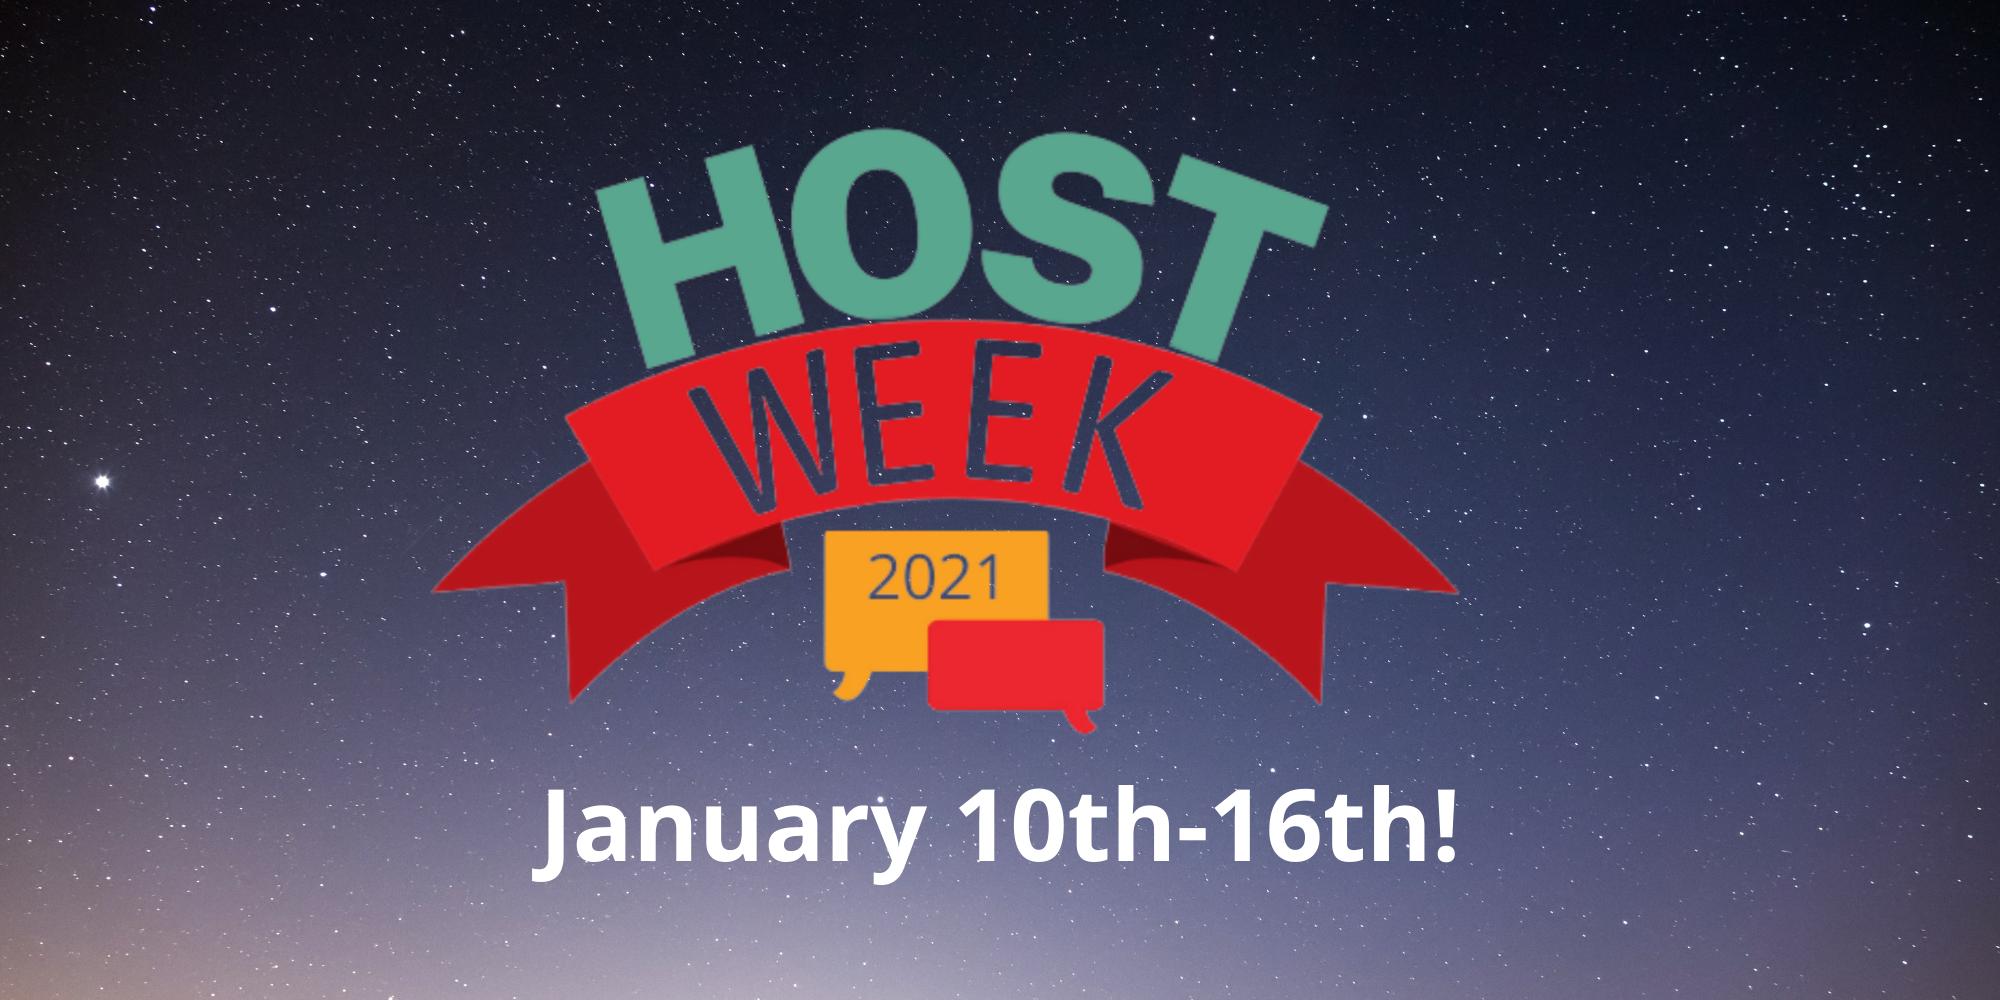 Host Week 2021